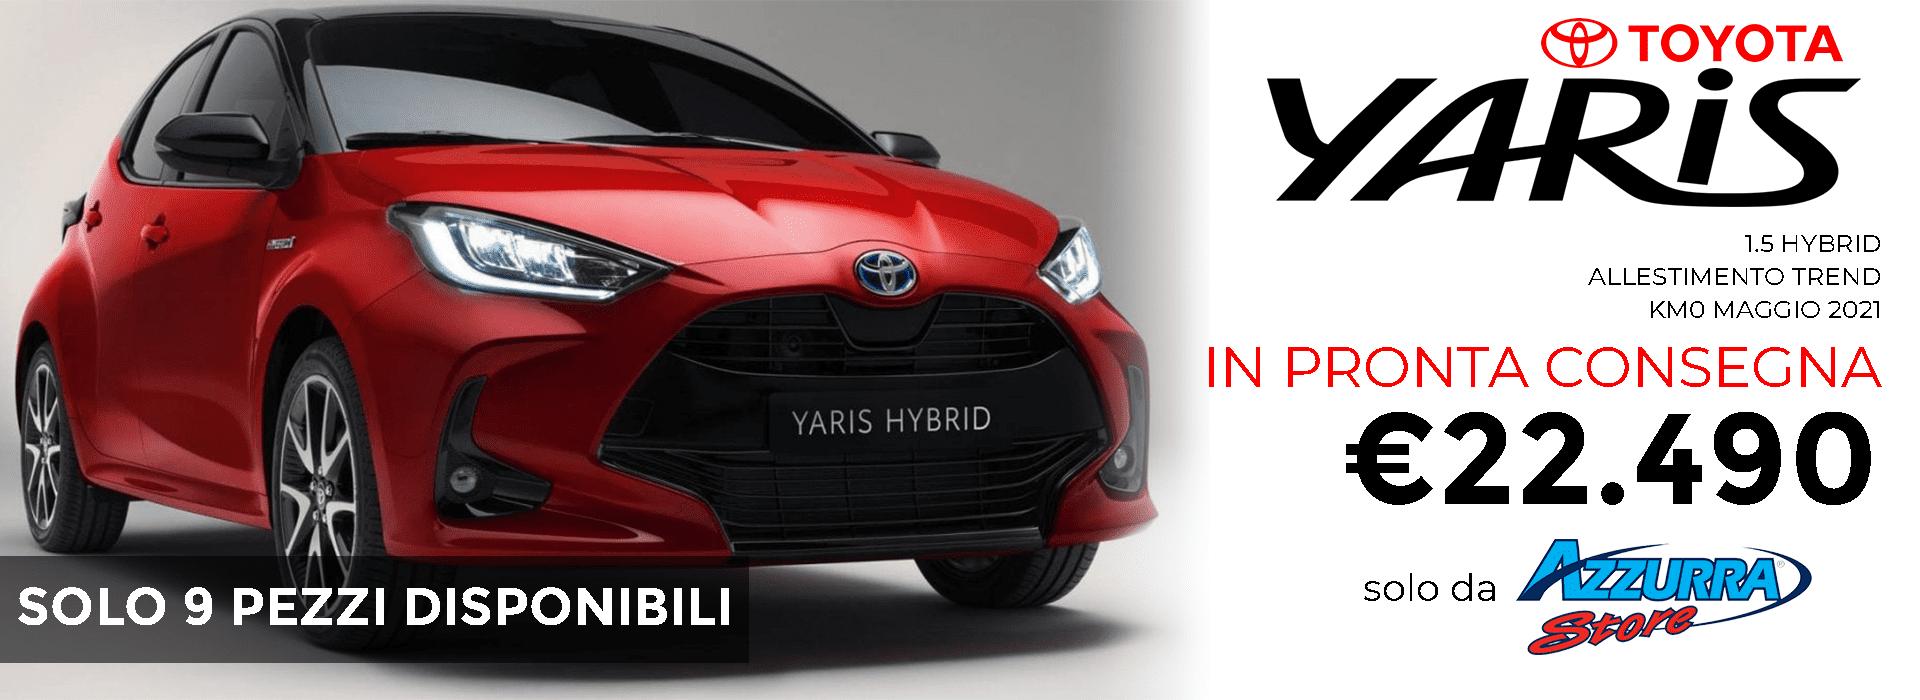 Toyota Yaris Hybrid 2021 KM0